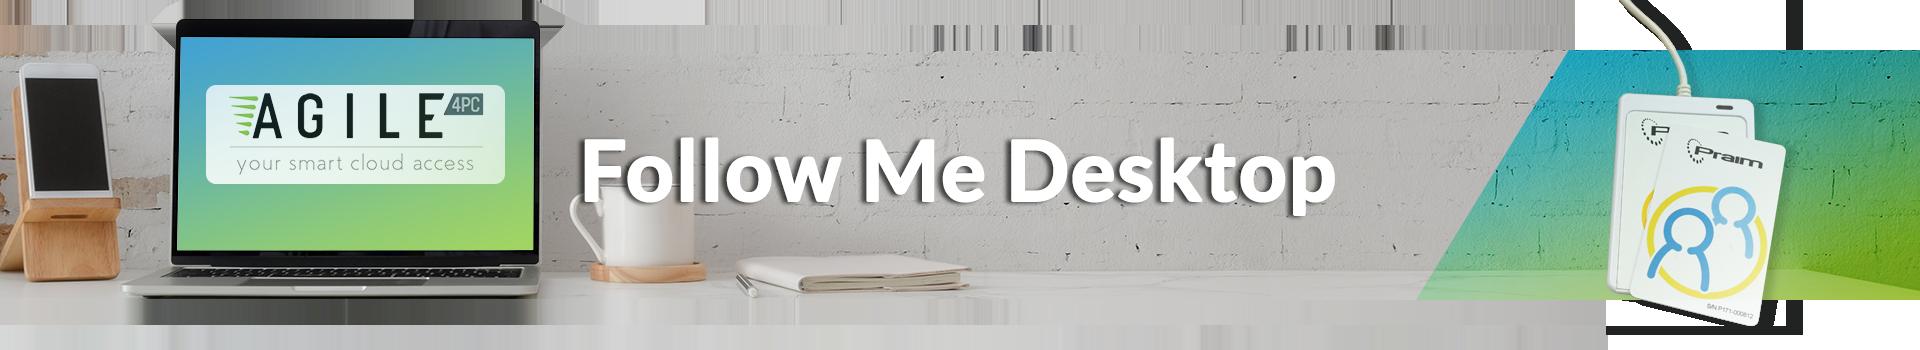 Follow Me Desktop